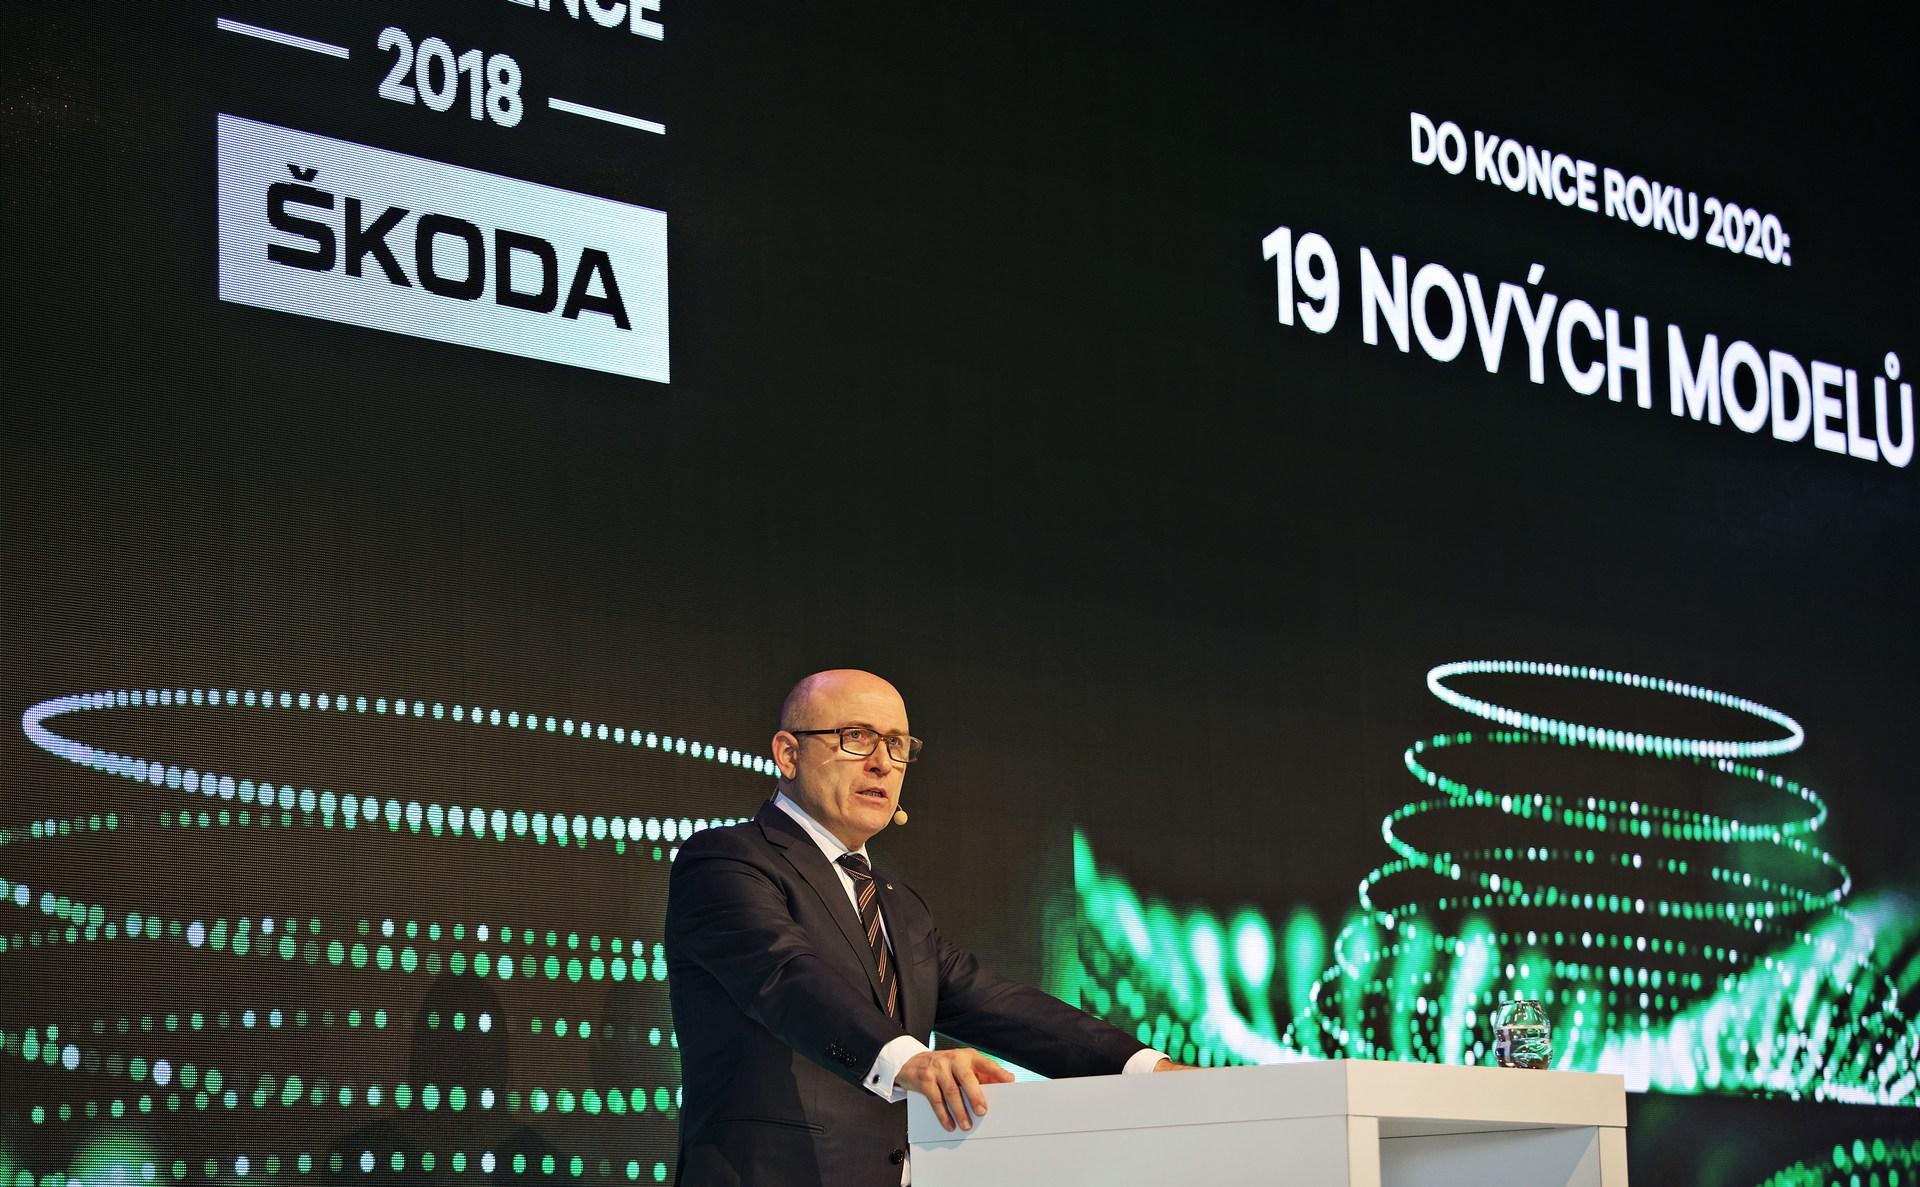 Skoda_Press_Conference_0001